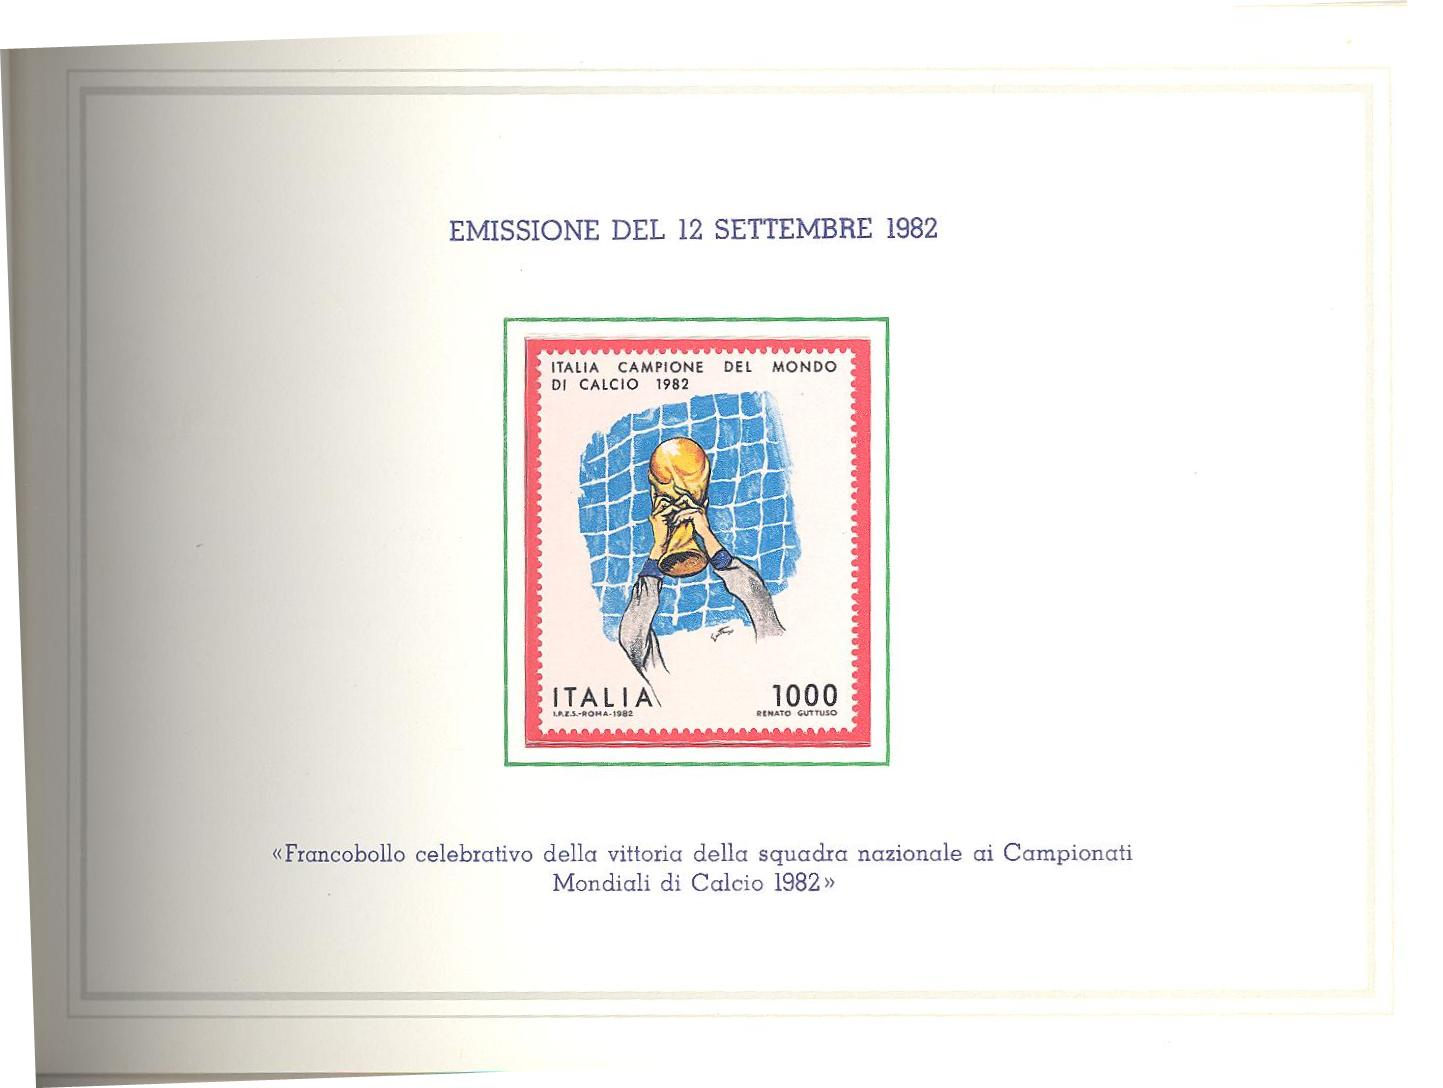 Italia campione del mondo di calcio 1982